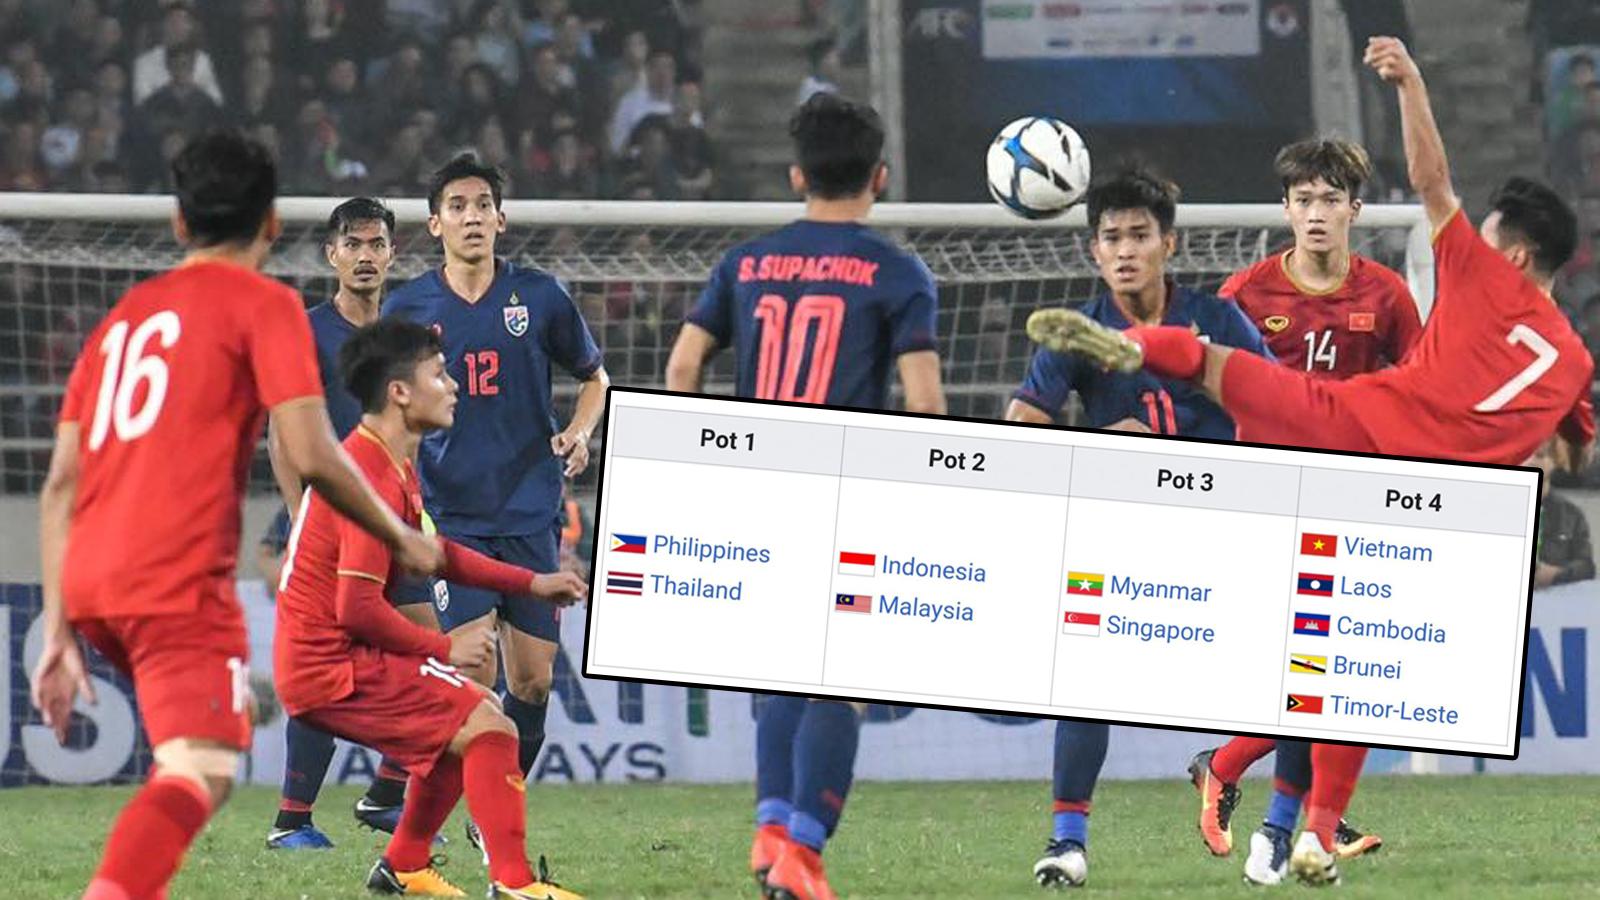 ซีเกมส์ 2019 ทีมชาติเวียดนาม U23 ทีมชาติไทย U23